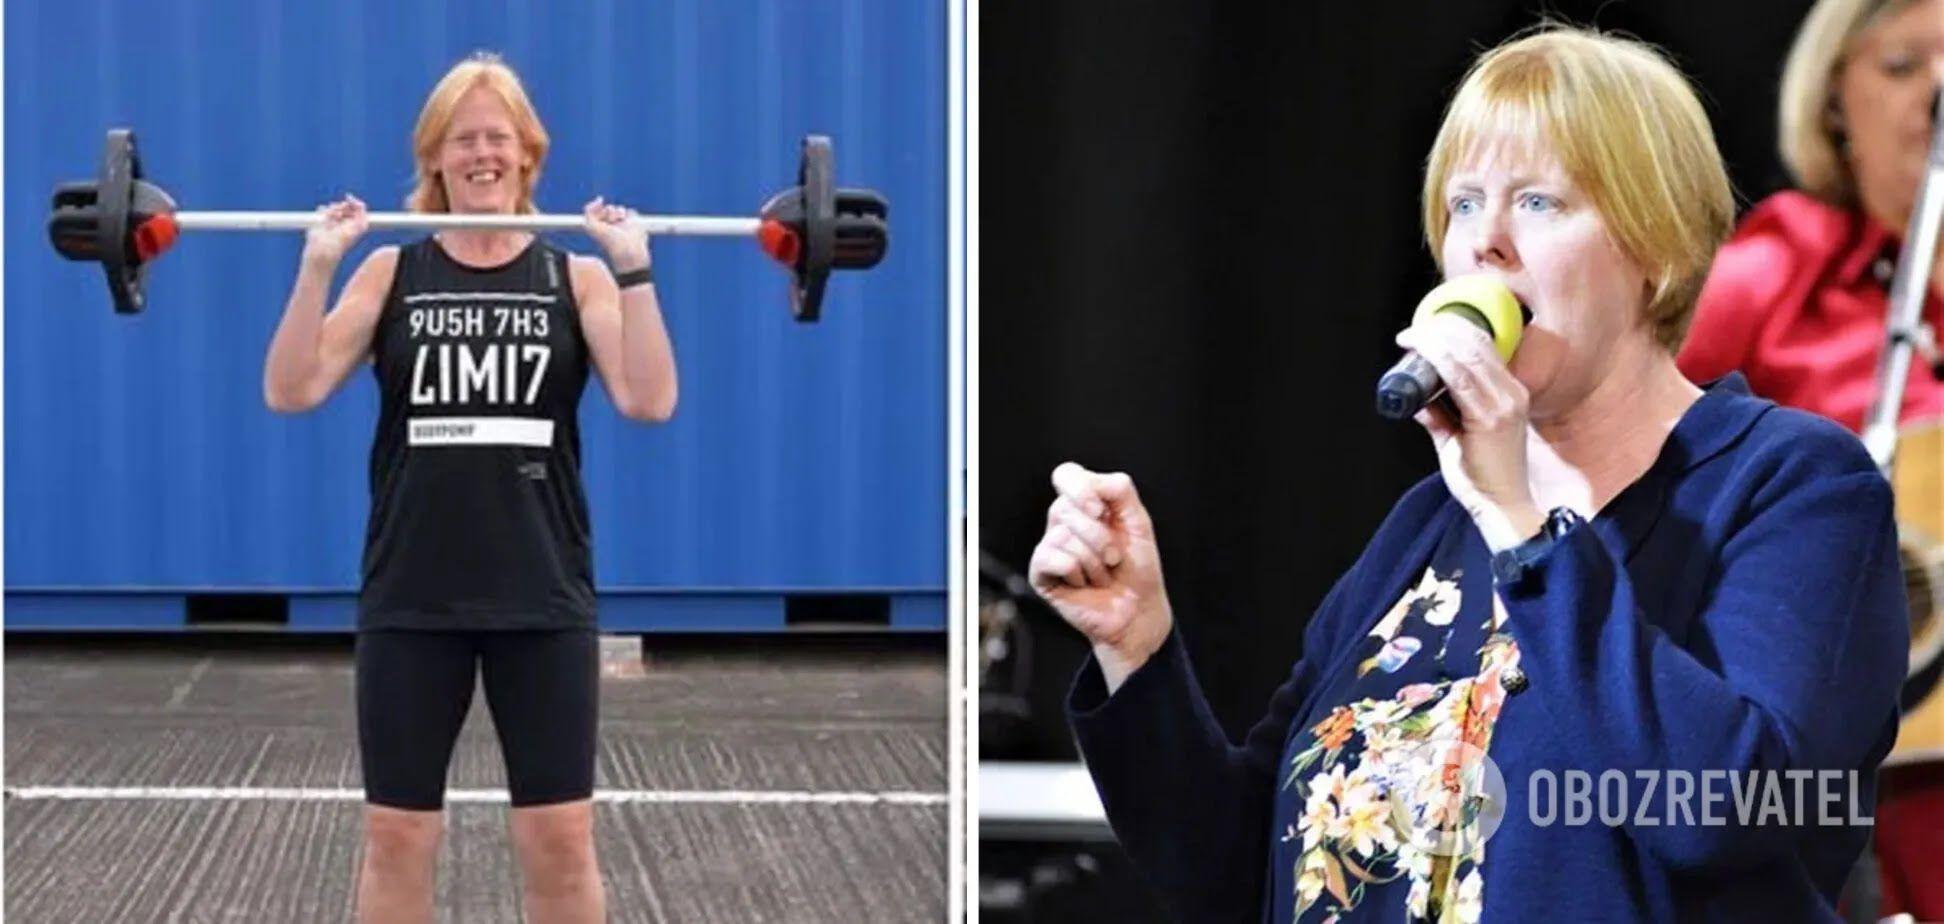 Марія Фокс почала займатися в спортзалі